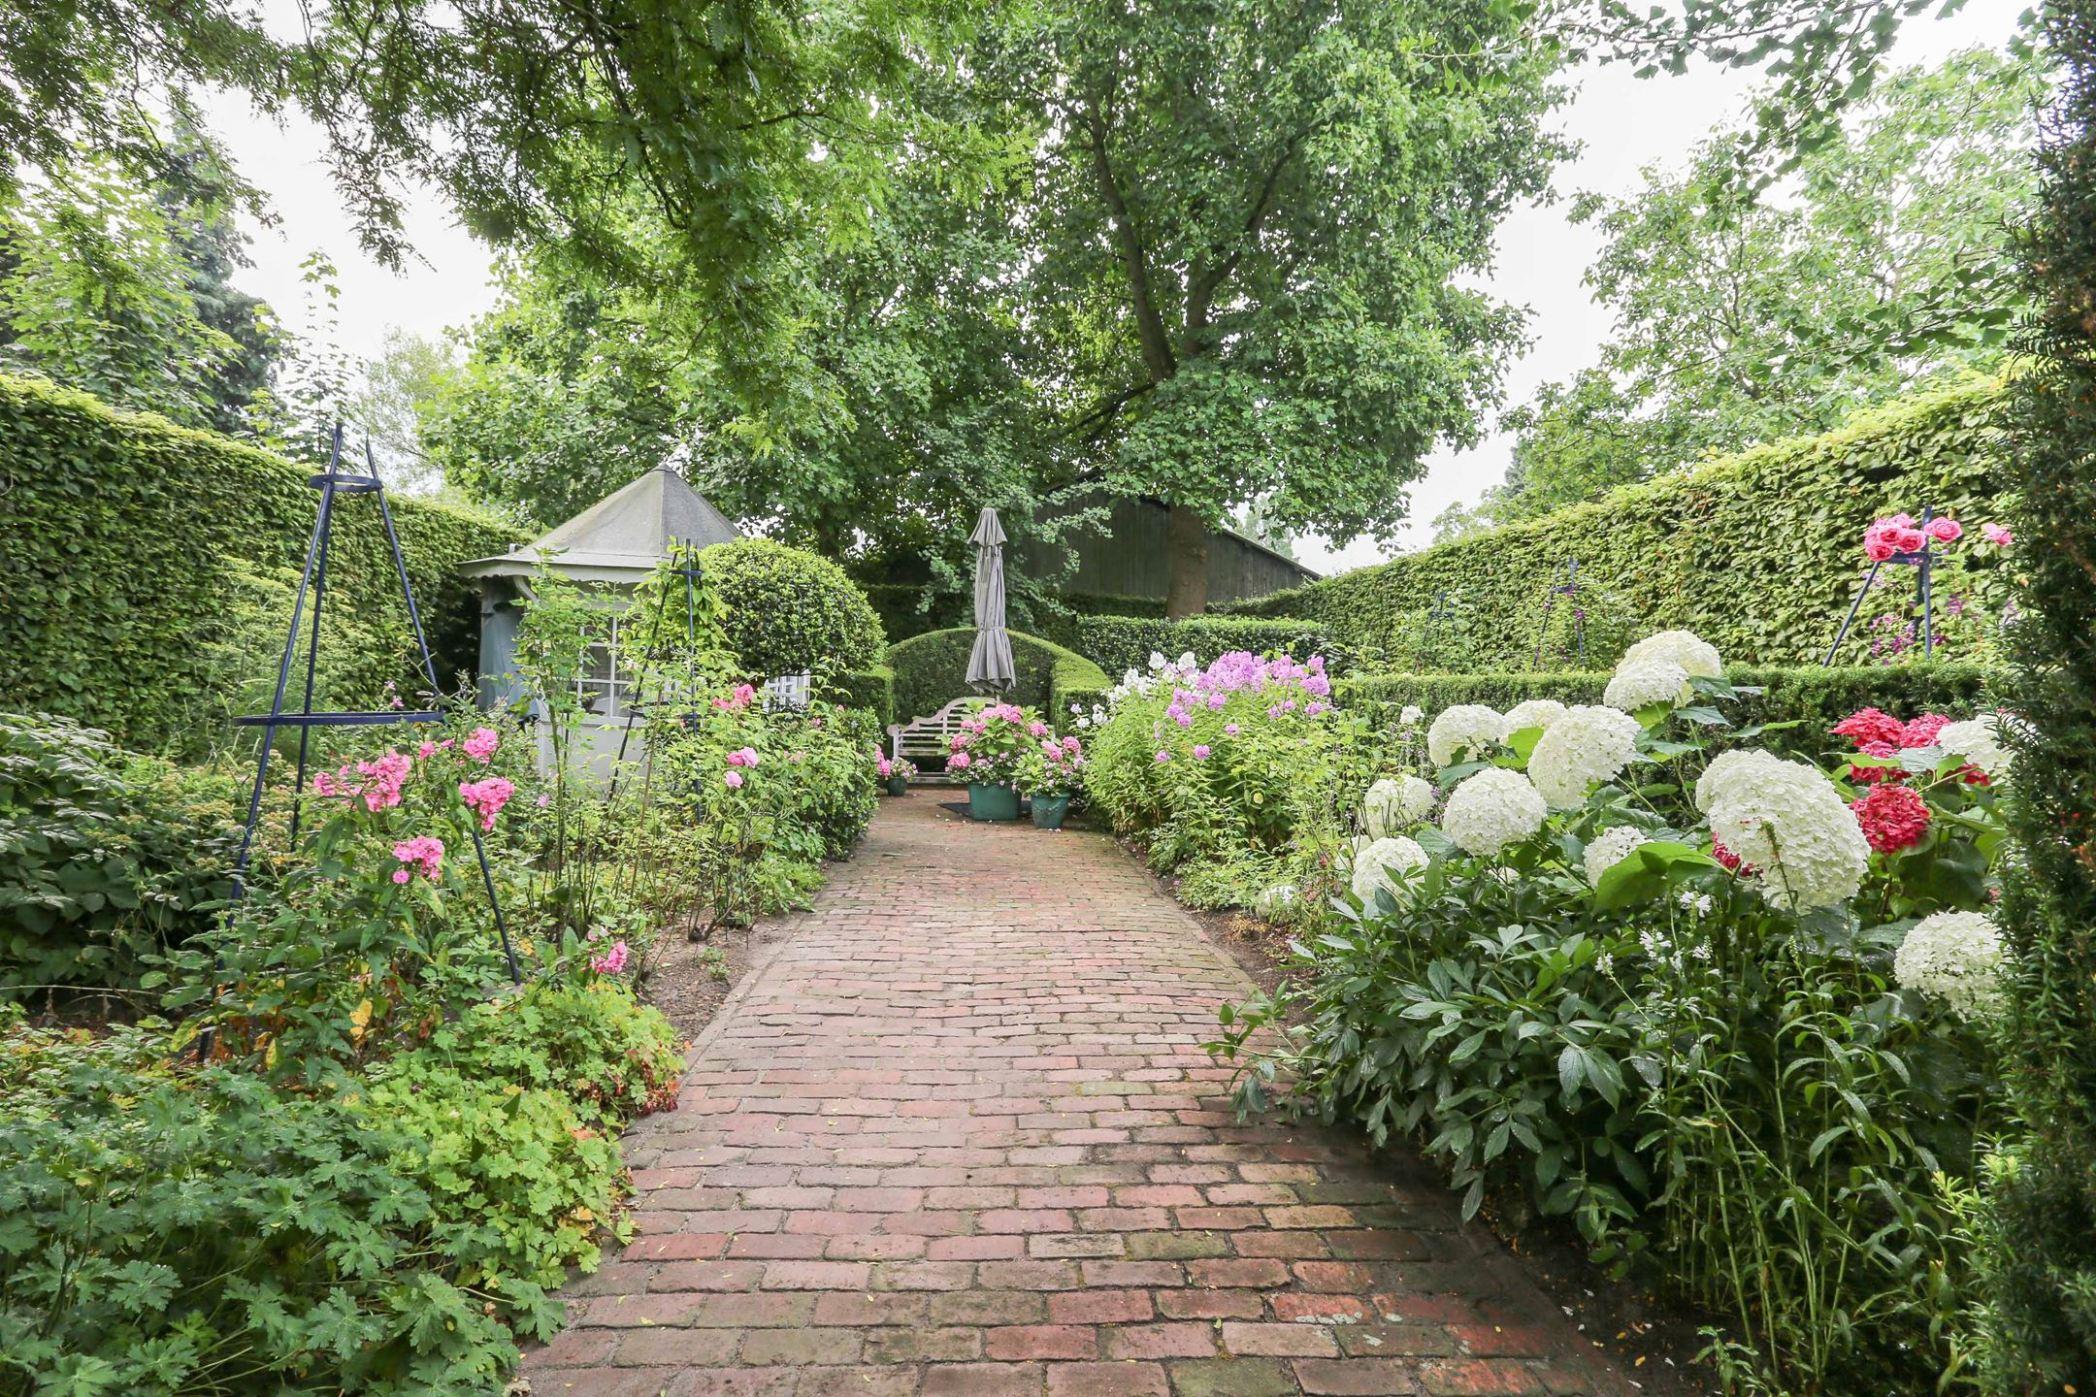 сад дорожка цветы кустарники